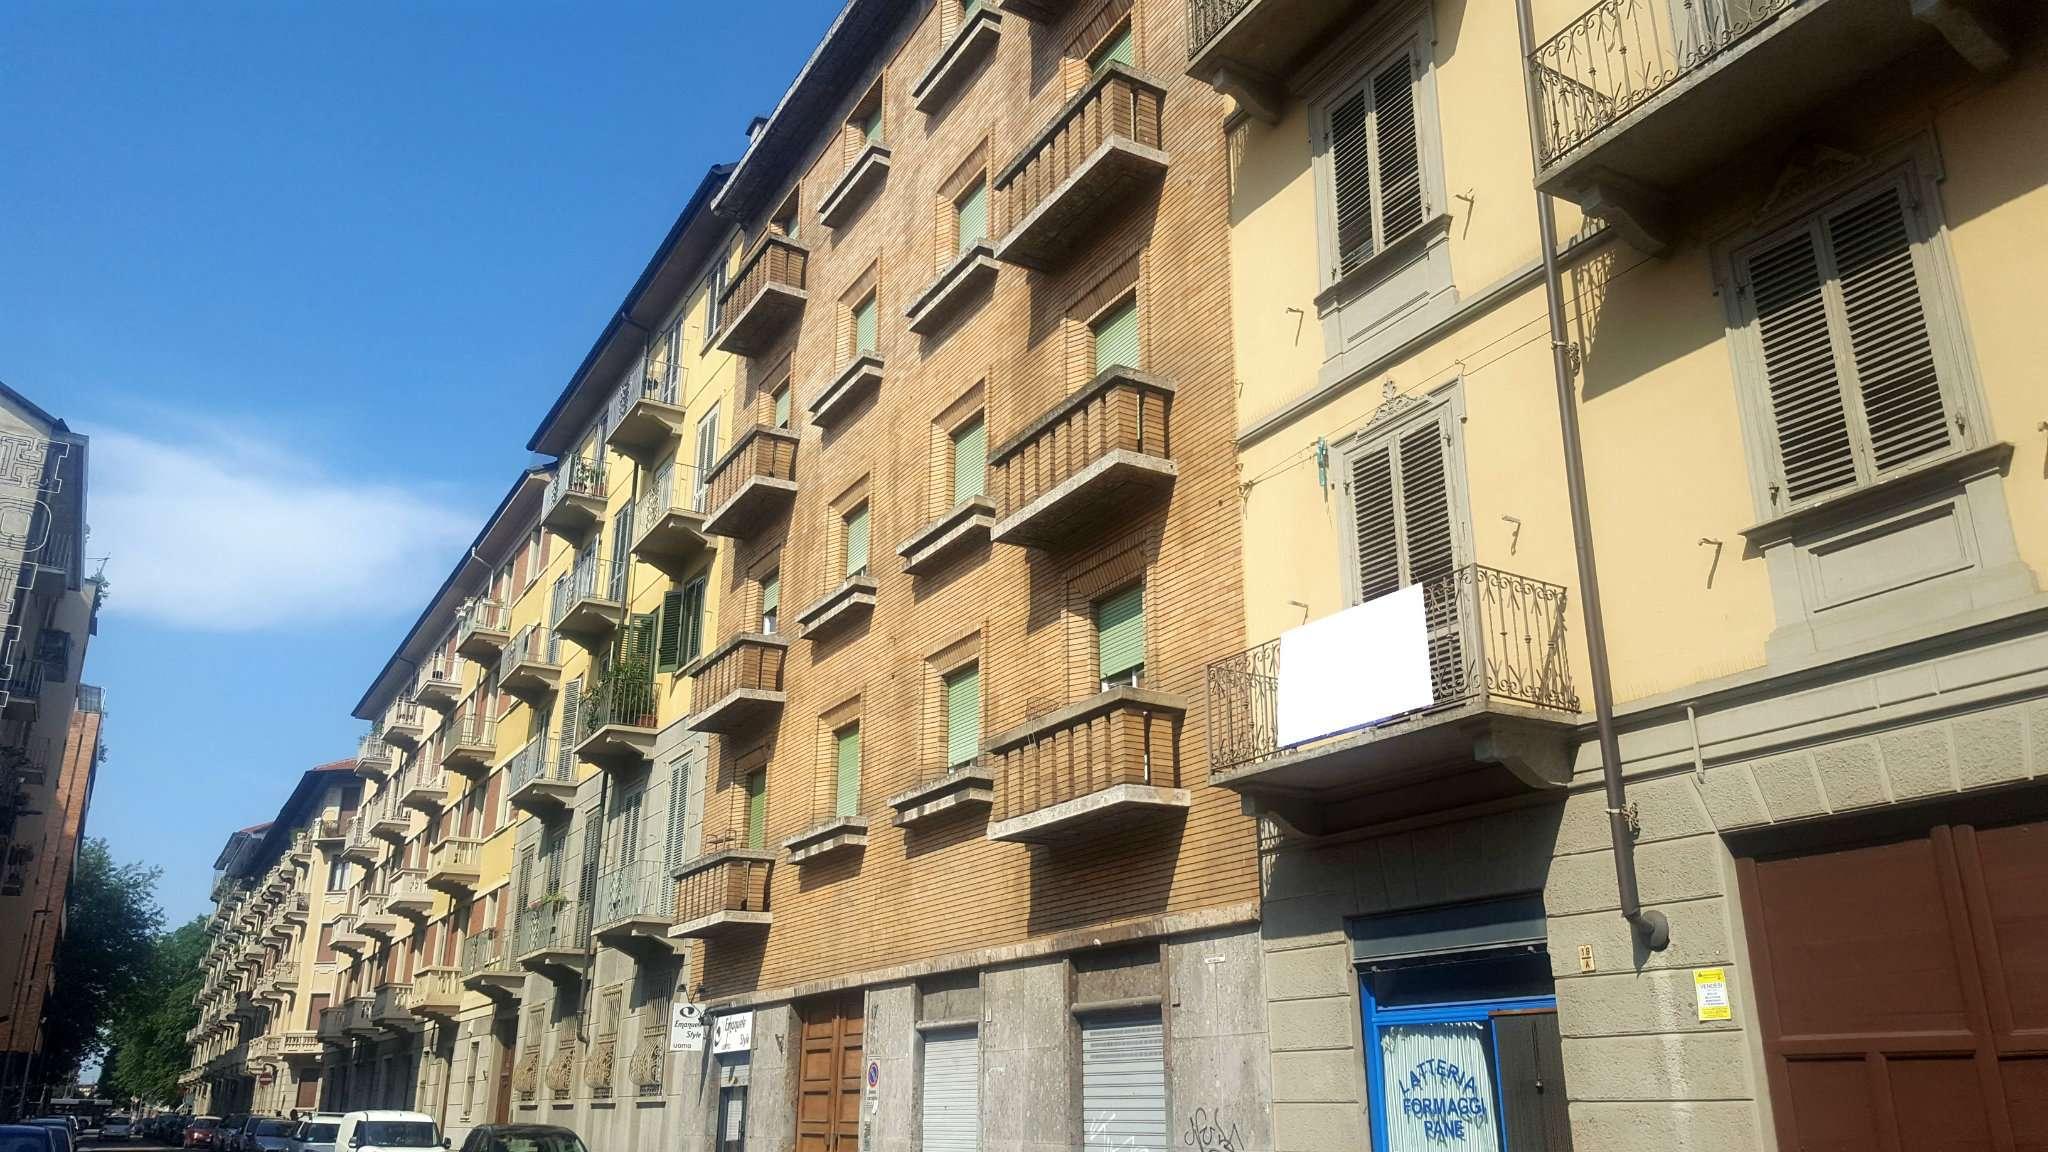 Negozio in affitto Zona Valentino, Italia 61, Nizza Millefo... - via Giotto 17 Torino